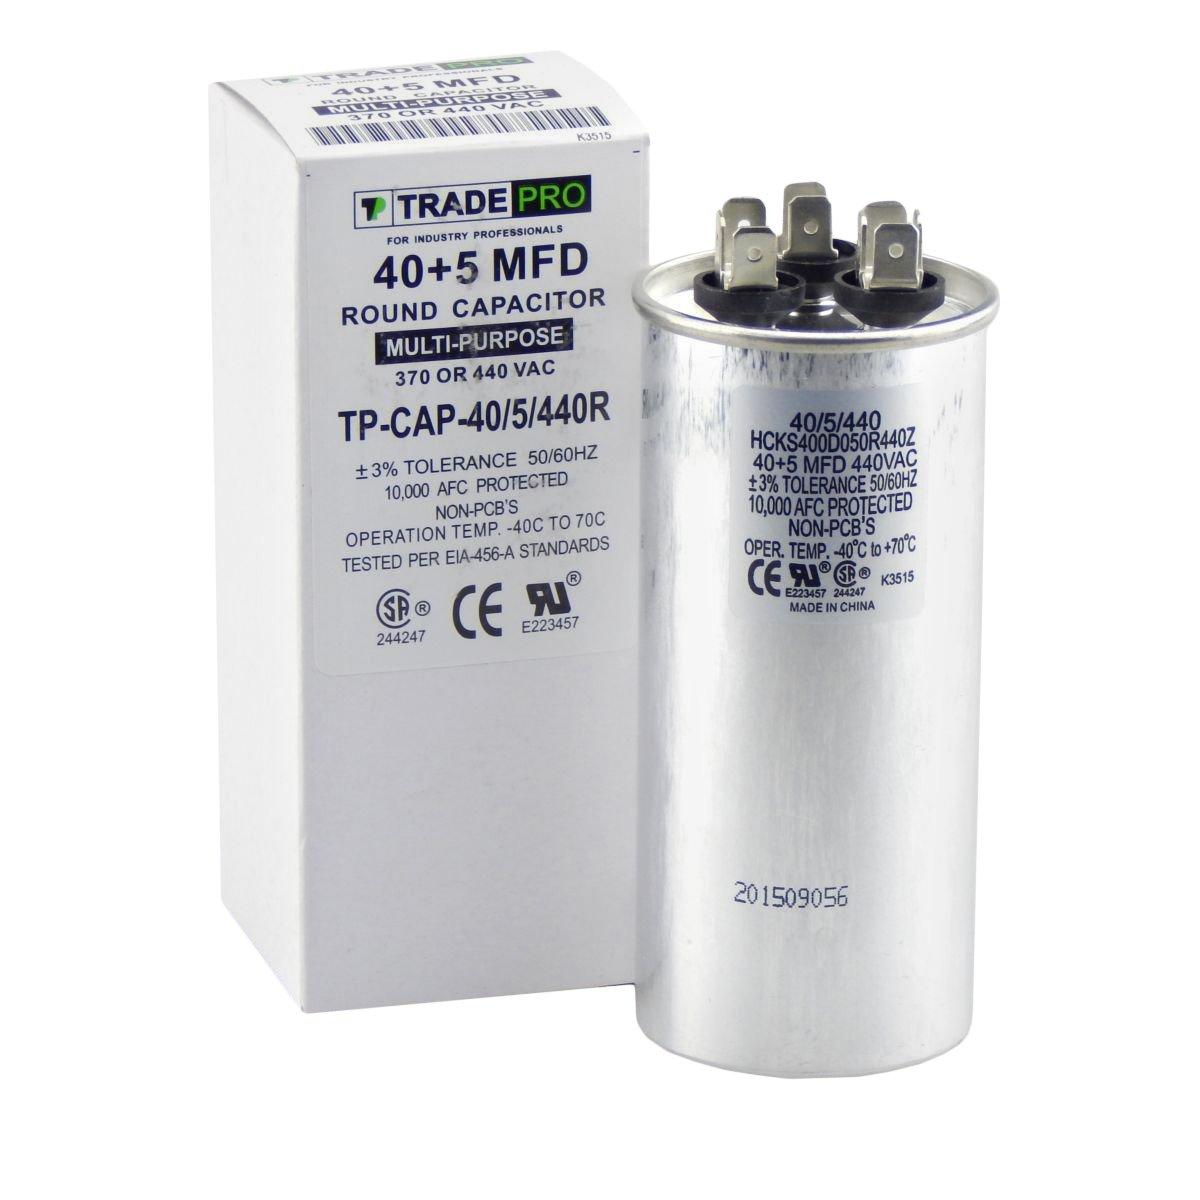 40/5 MFD Multi-Purpose 440 or 370 Volt Round Run Capacitor Replacement TradePro 40+5